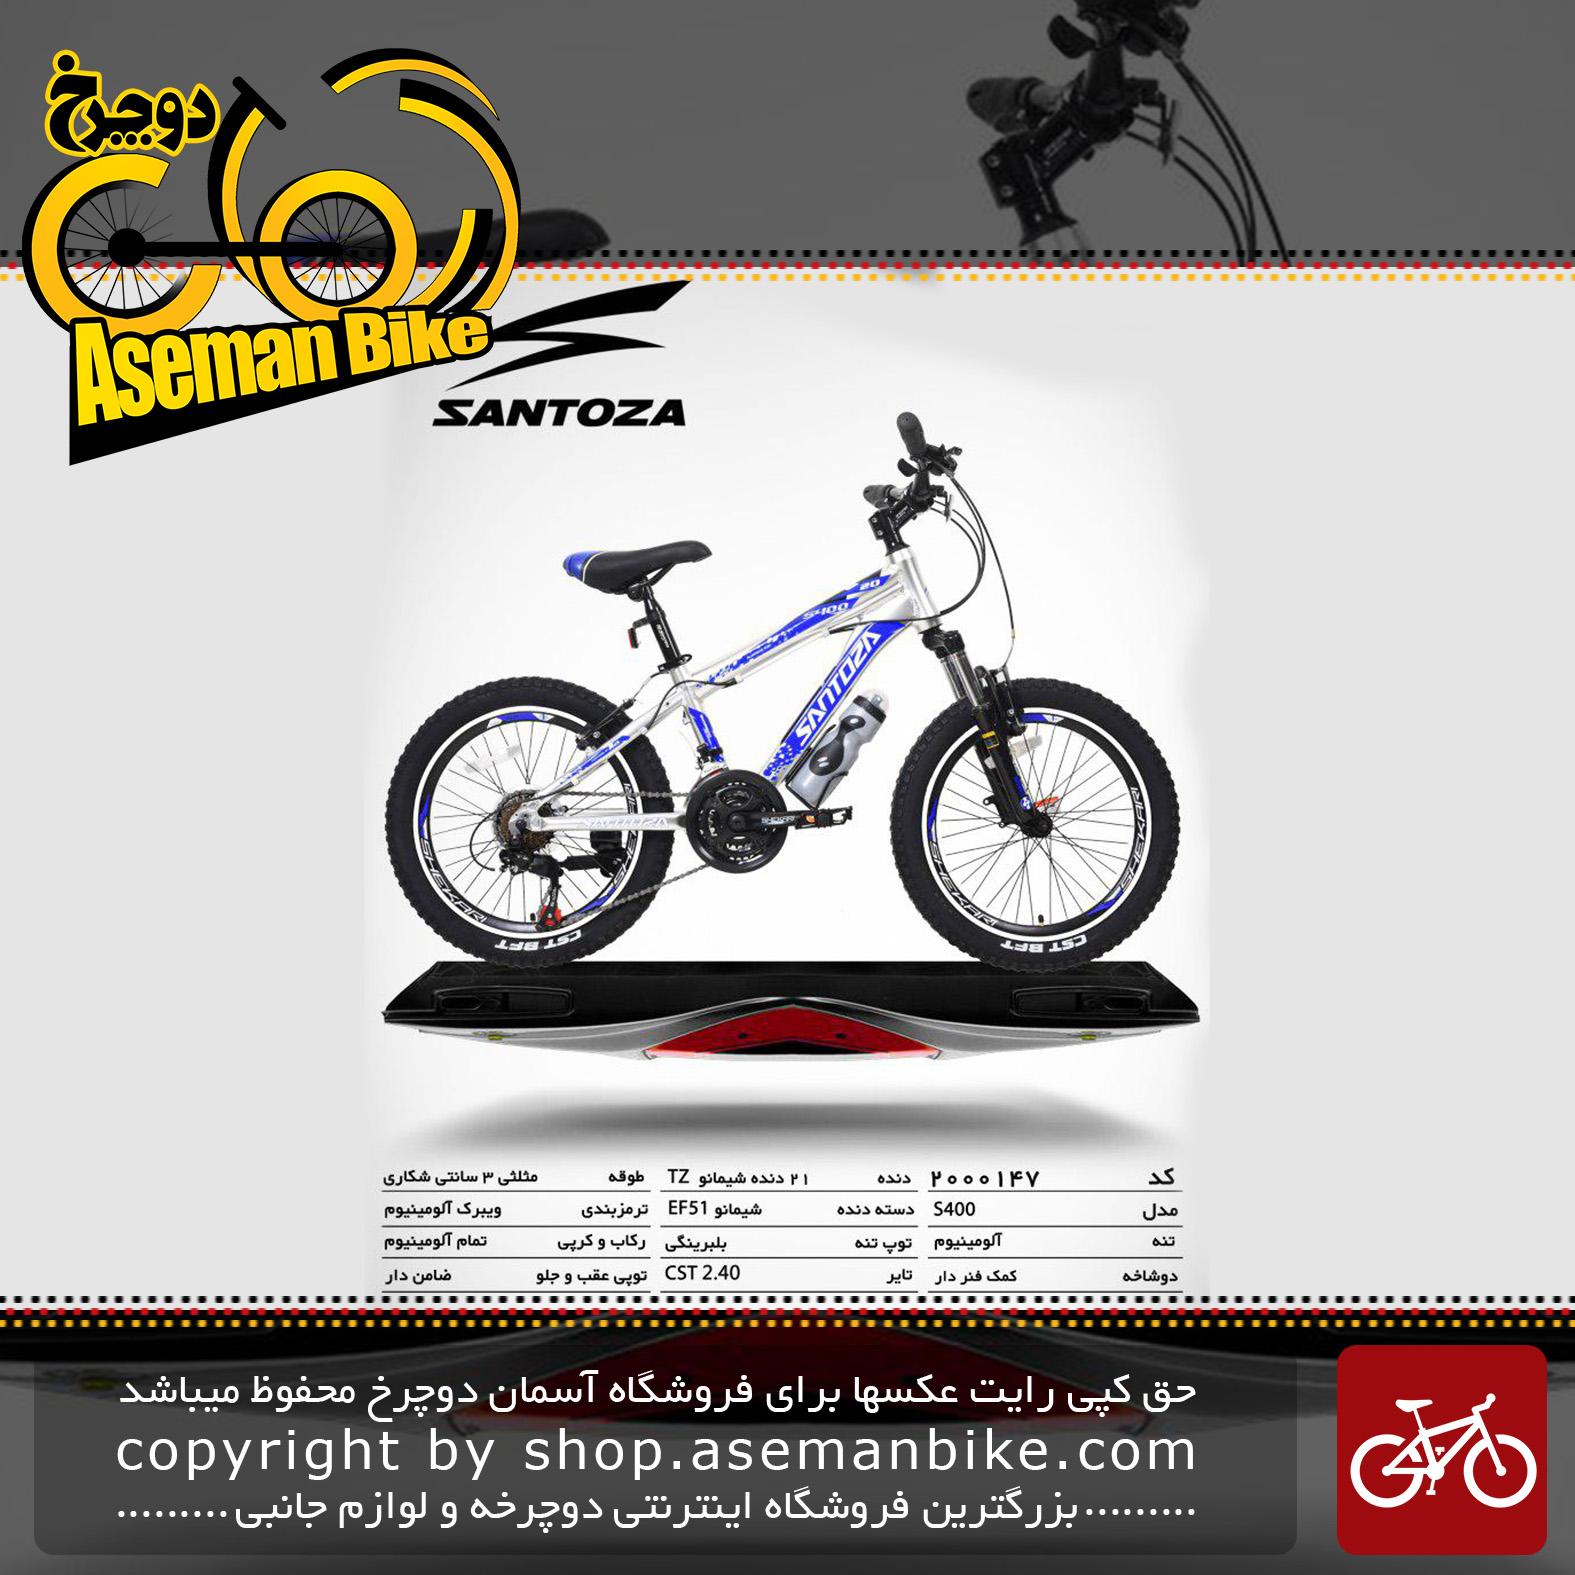 دوچرخه کوهستان سانتوزا 21 دنده شیمانو تورنی تنه آلمینیوم سایز 20 مدل اس400 santoza bicycle 20 21 speed shimano tourney tz aluminum vb s400 2019